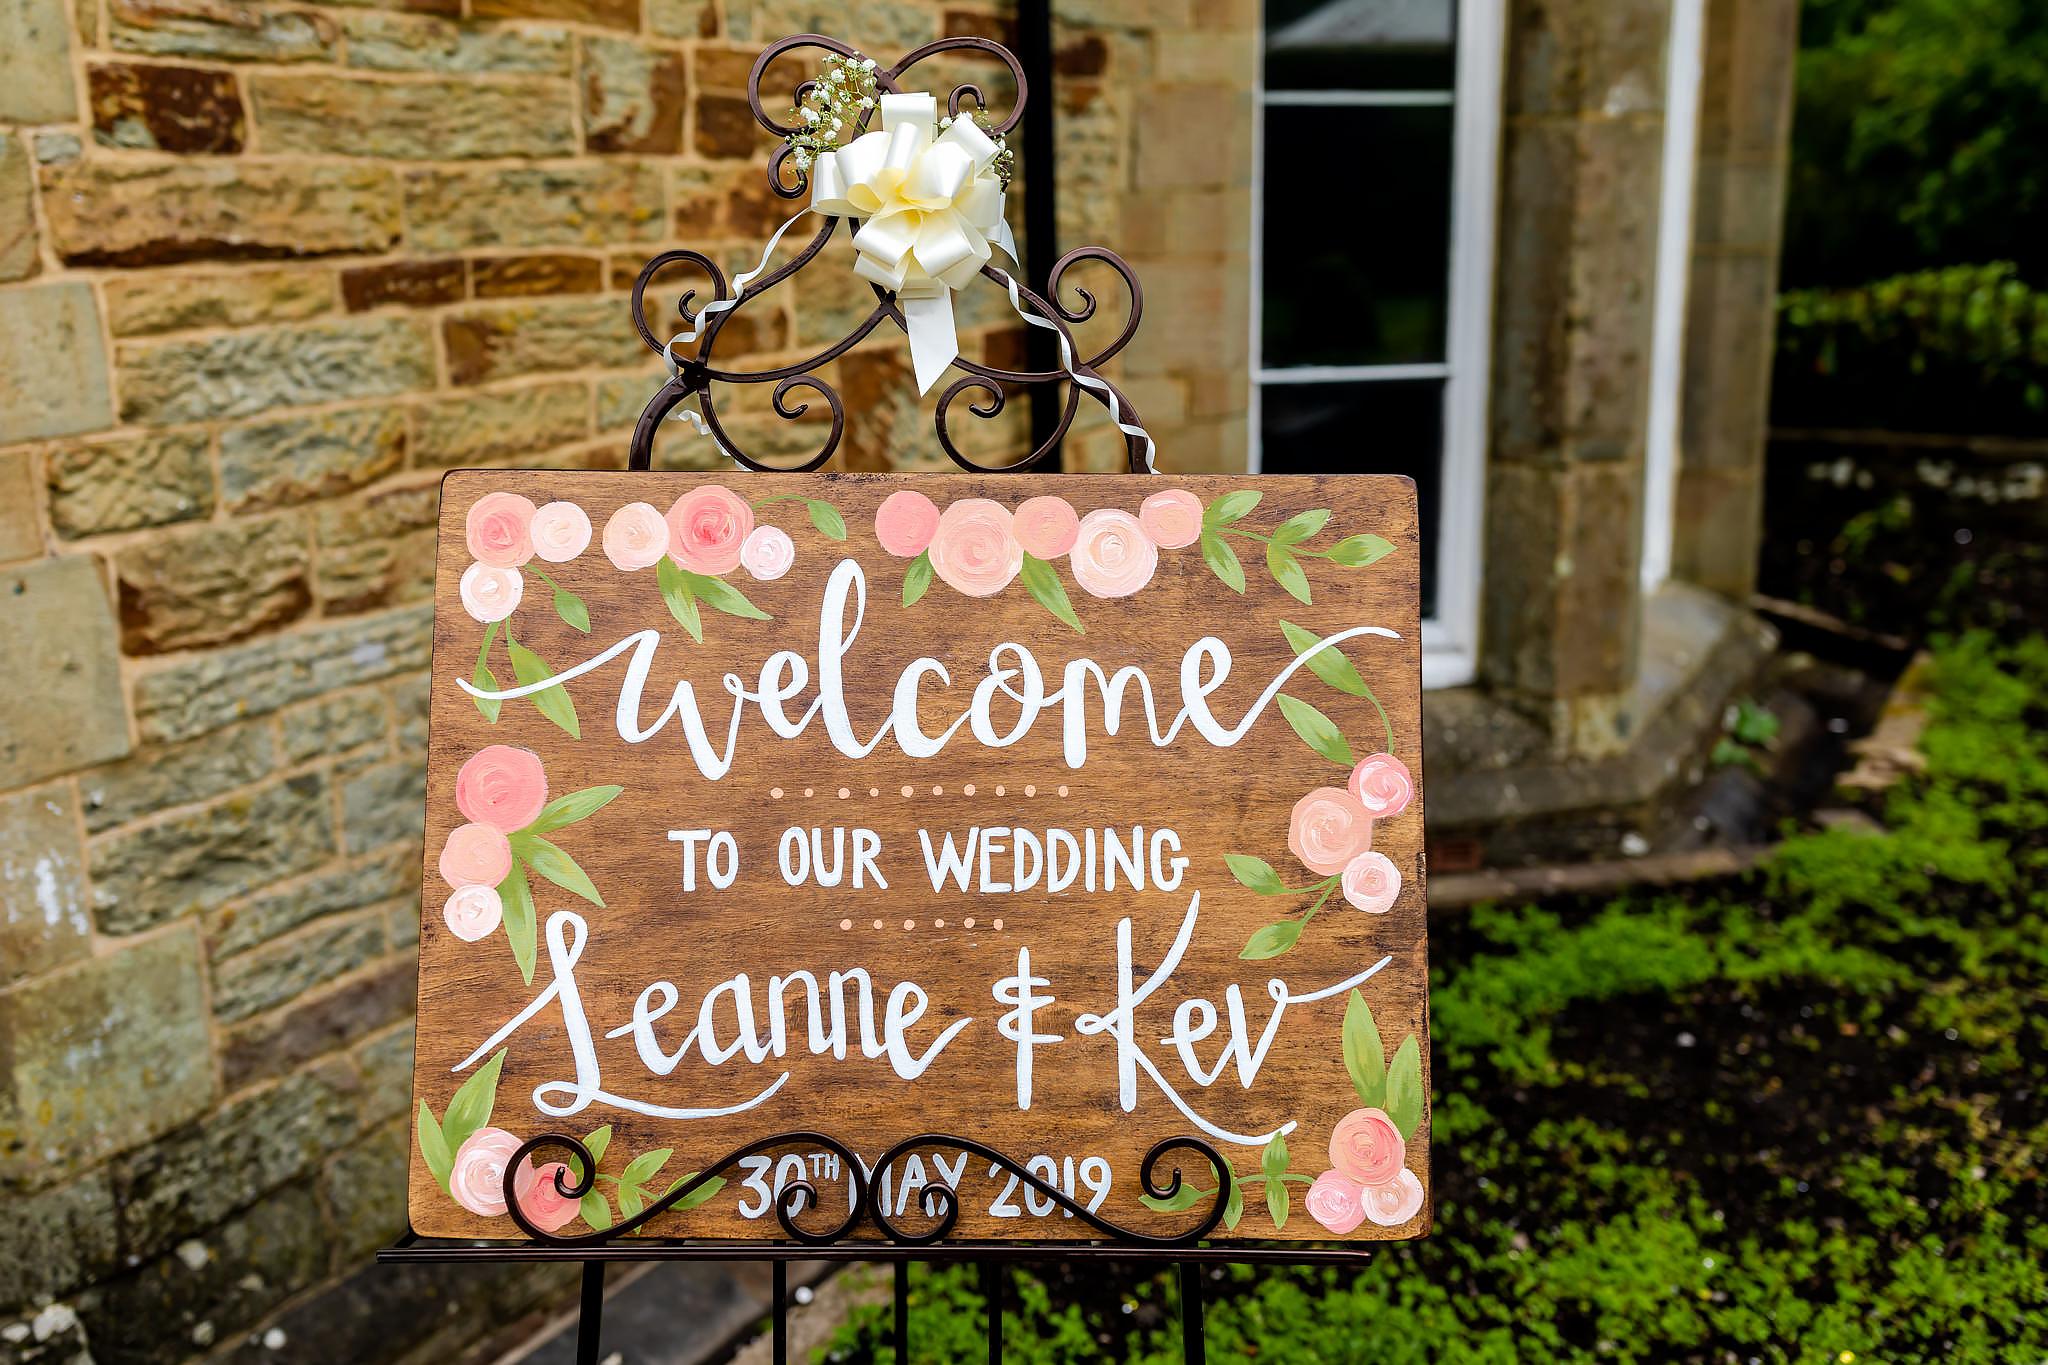 Bryngarw House Wedding Photography - Bryngarw house